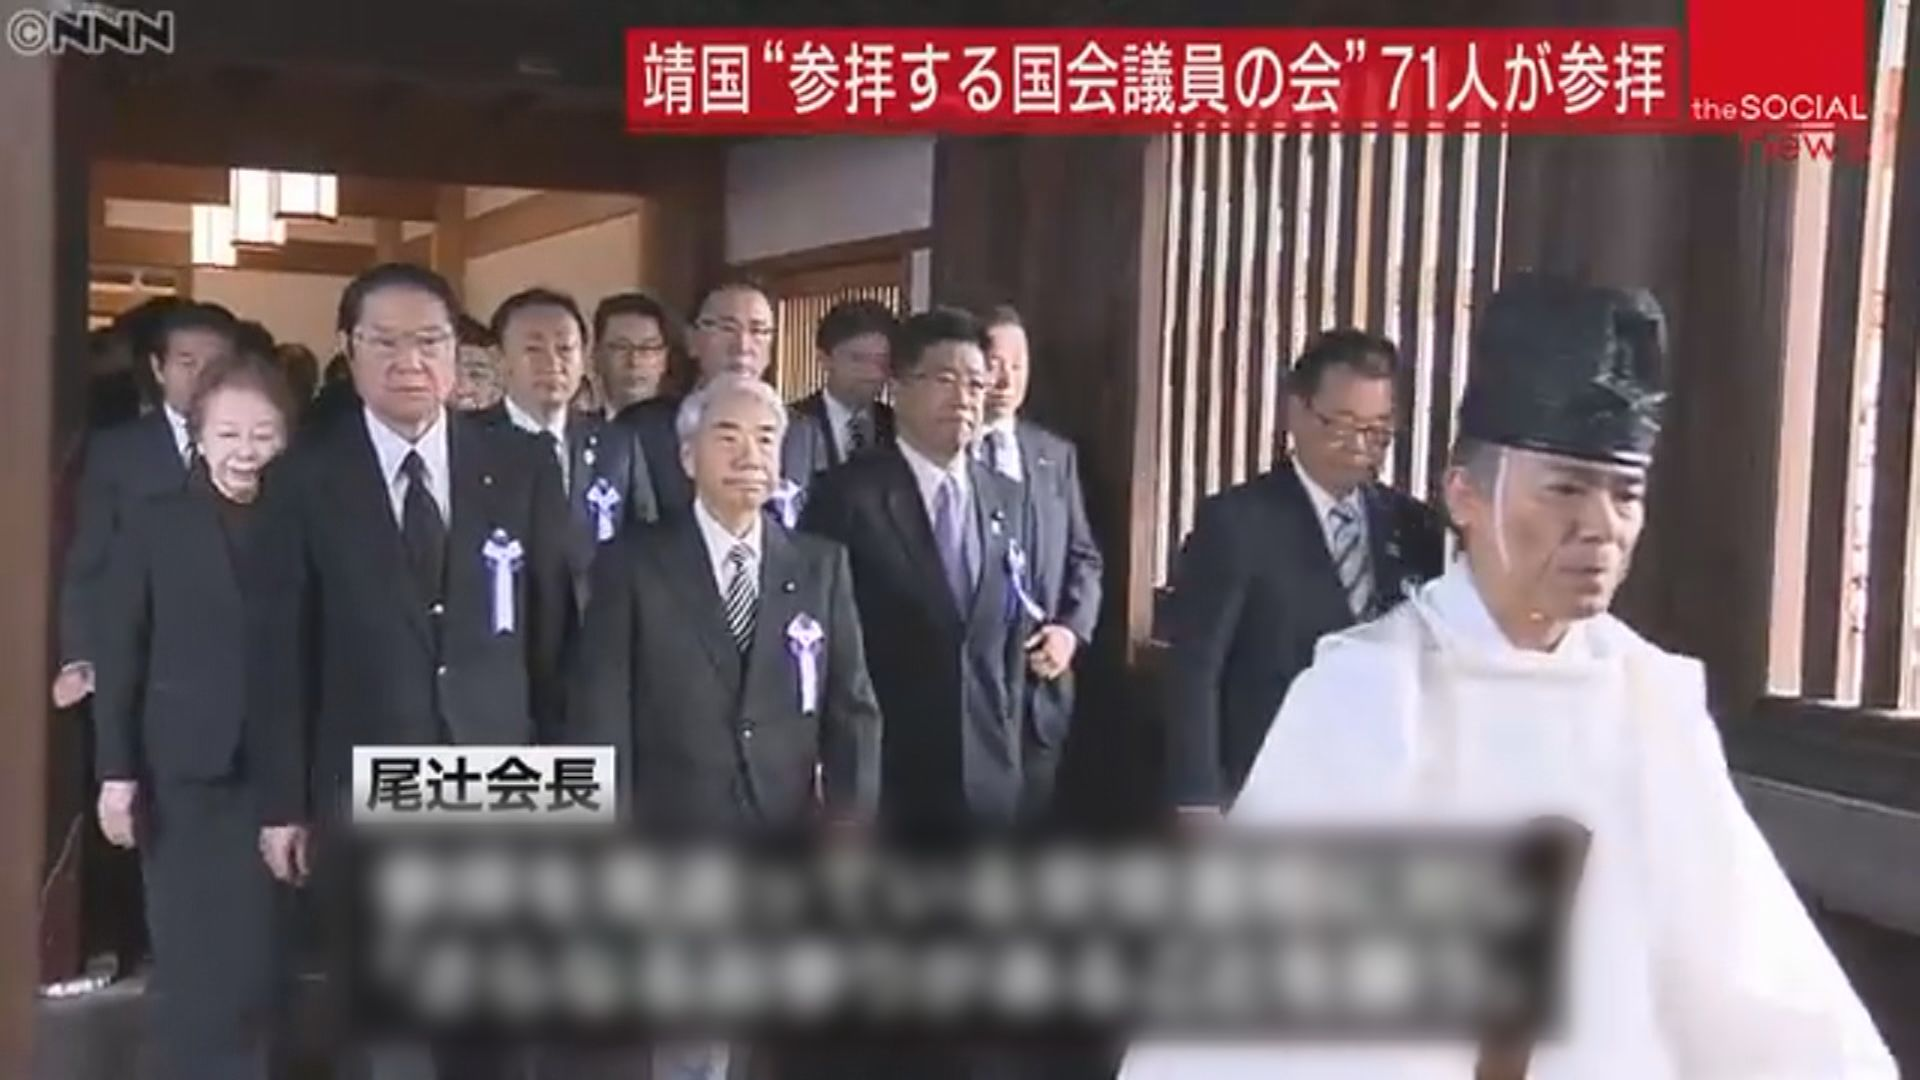 日本內閣副大臣與議員參拜靖國神社